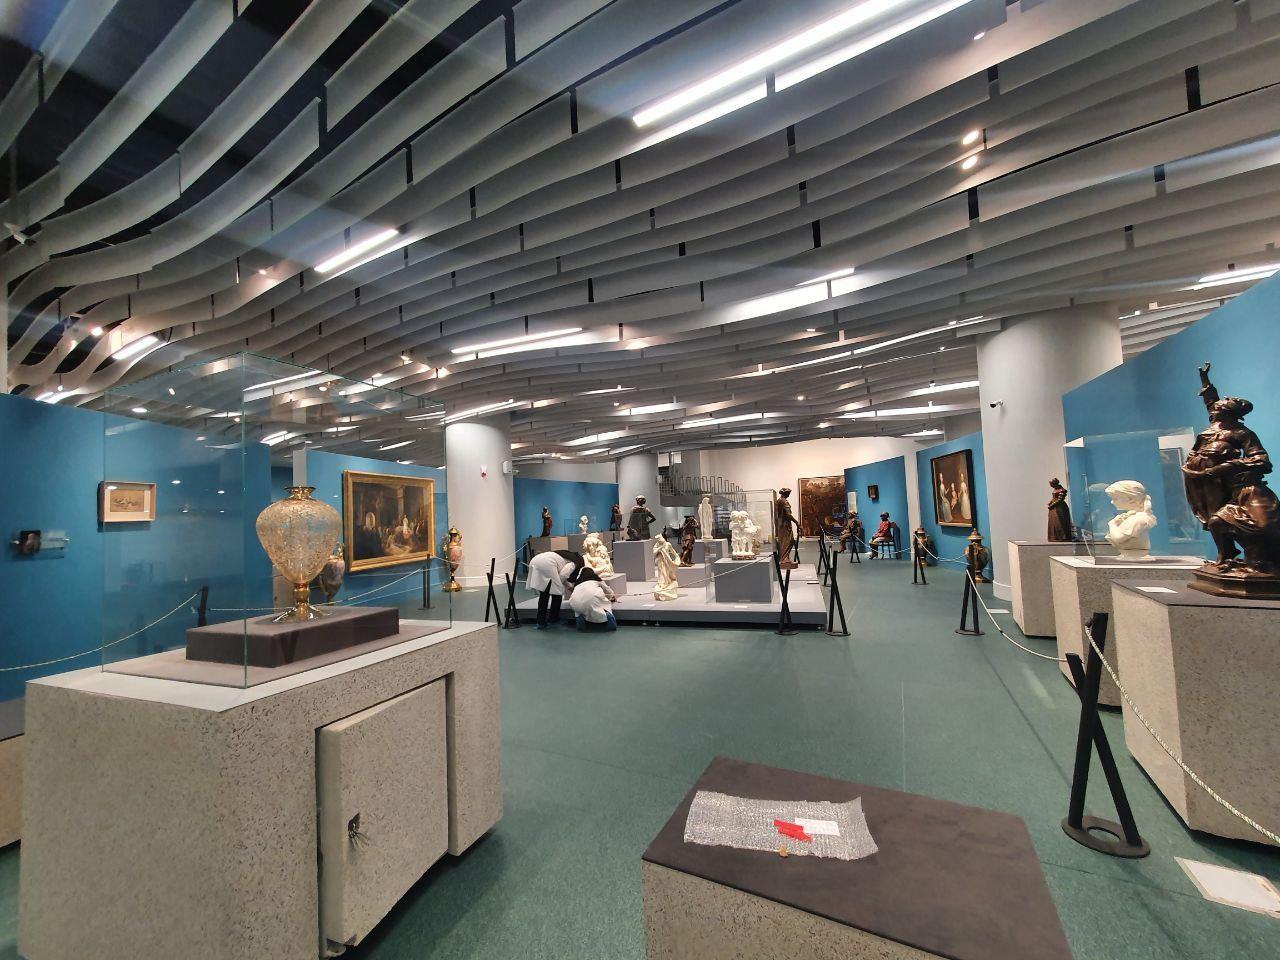 بازگشایی موزه دفینه، با سه موزه پول، آرایهها و هنر جهان